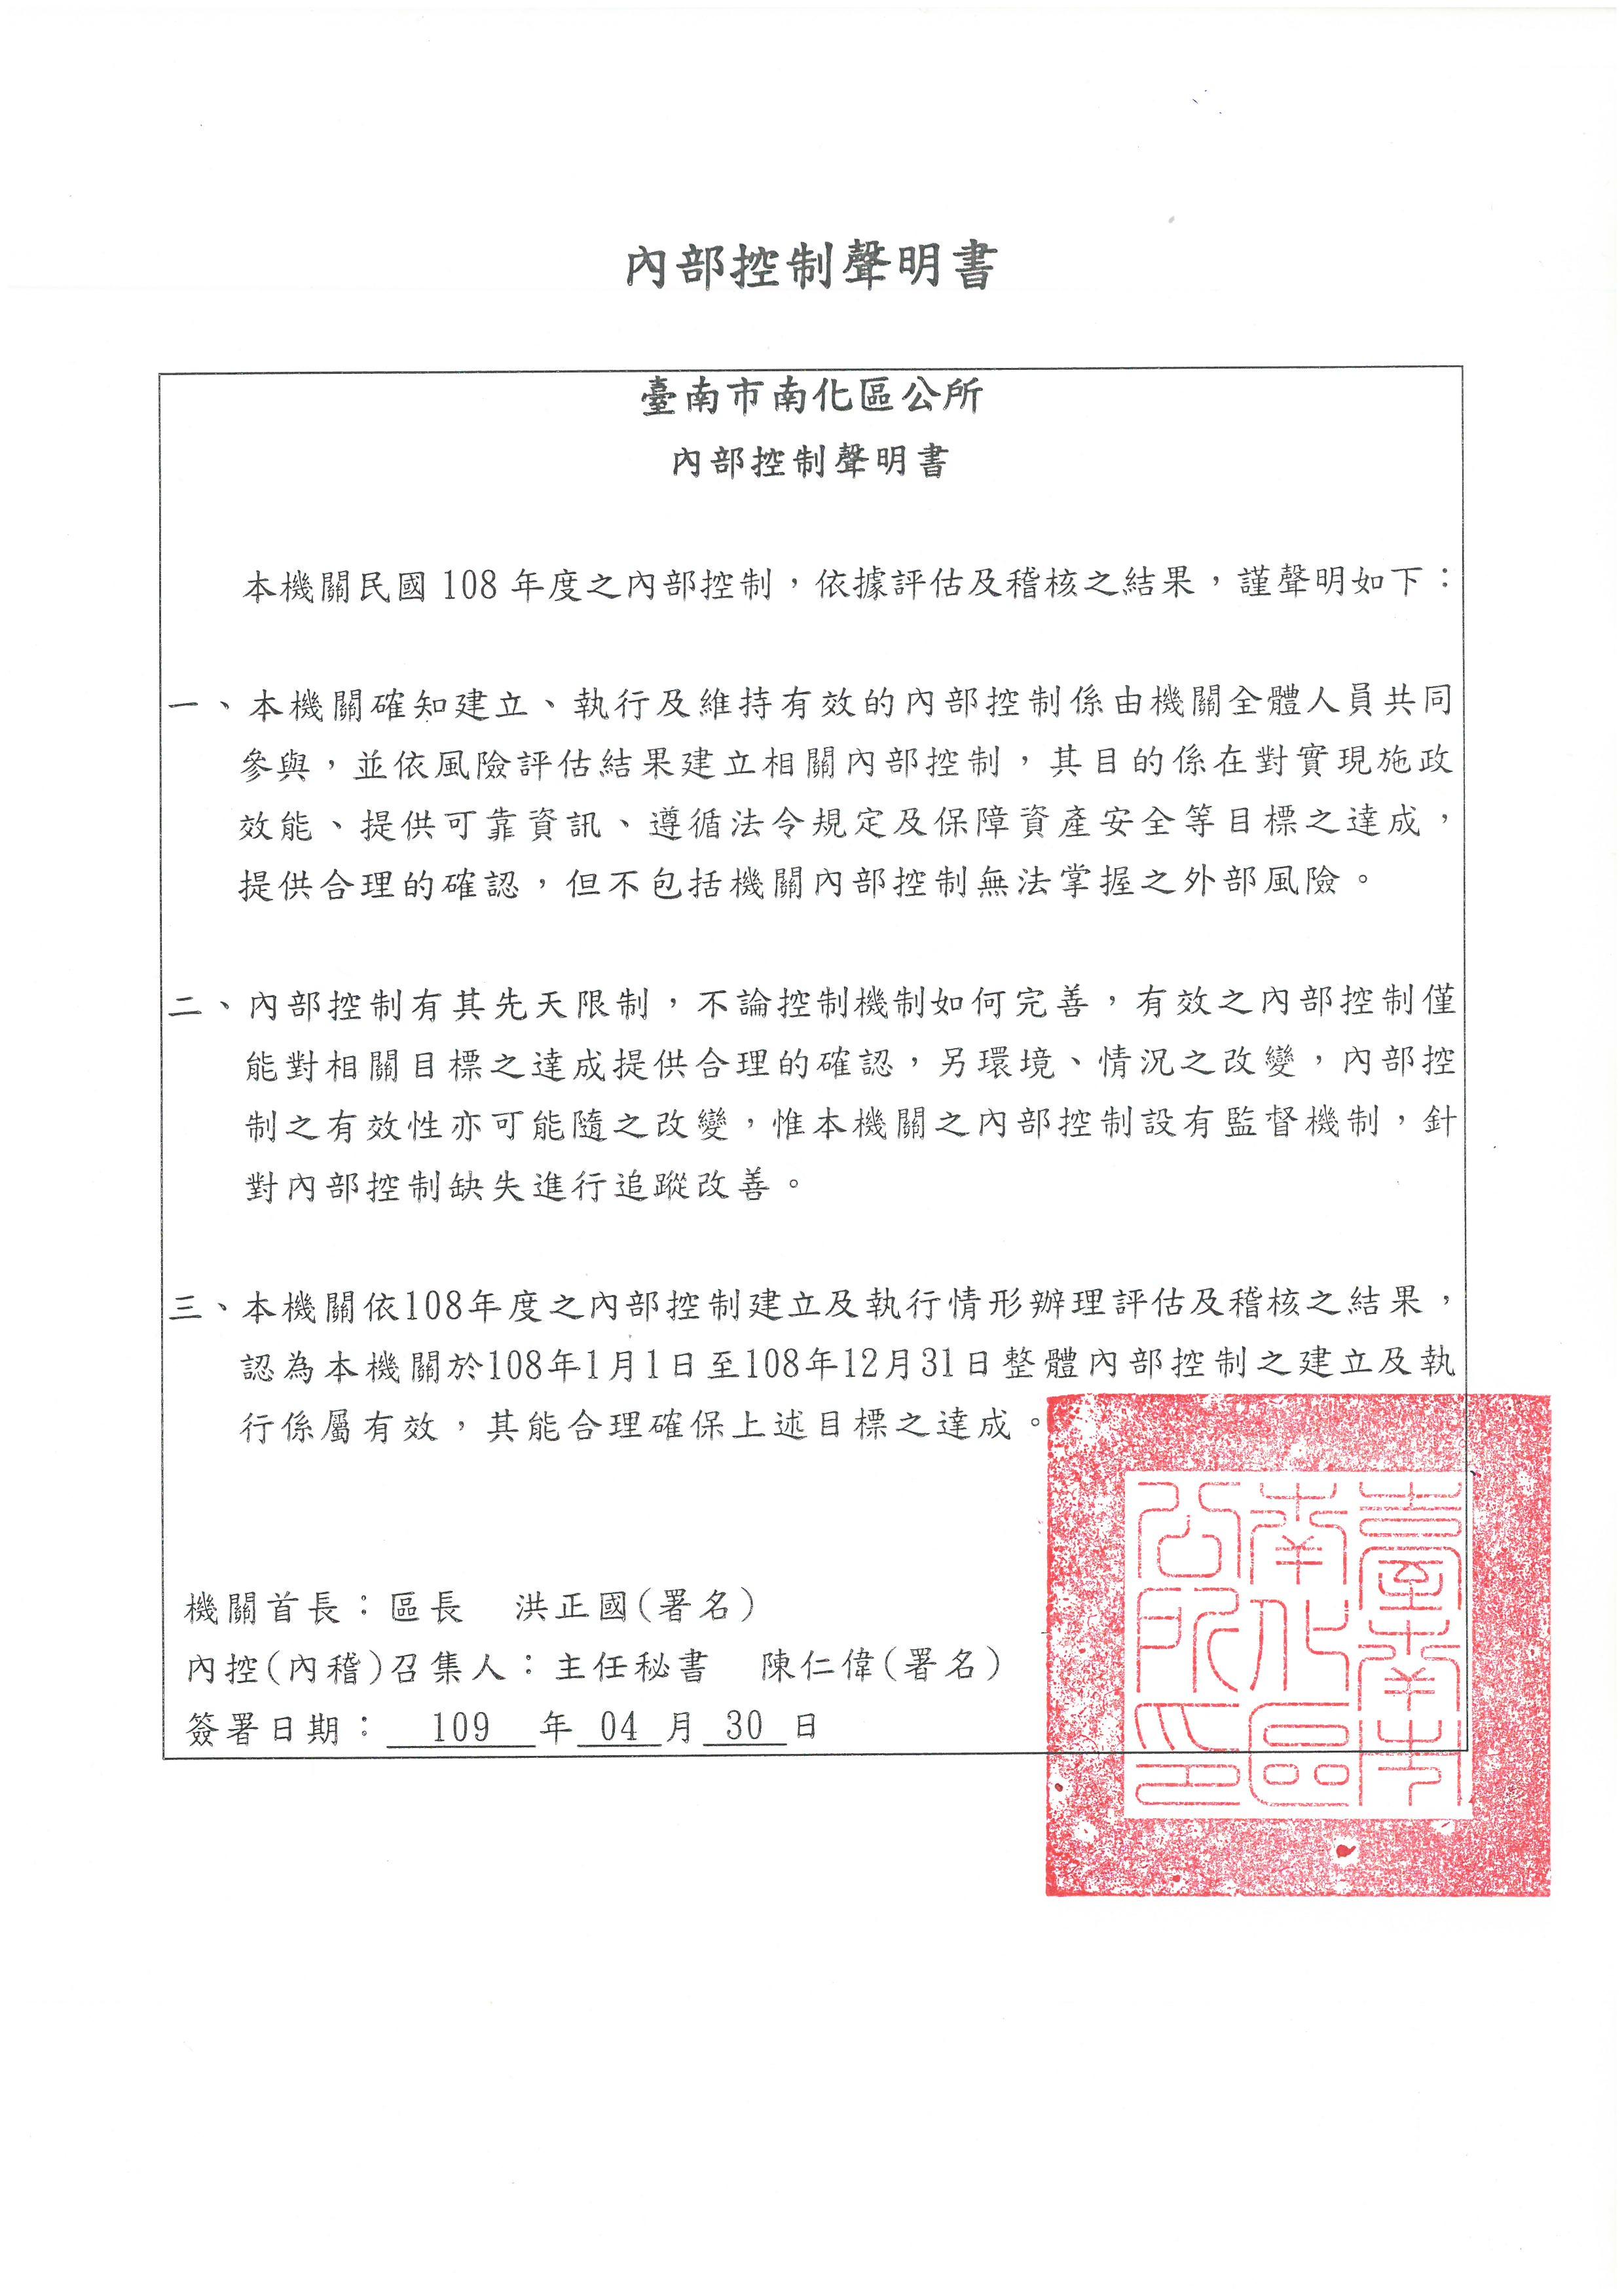 108年度臺南市南化區公所內部控制聲明書